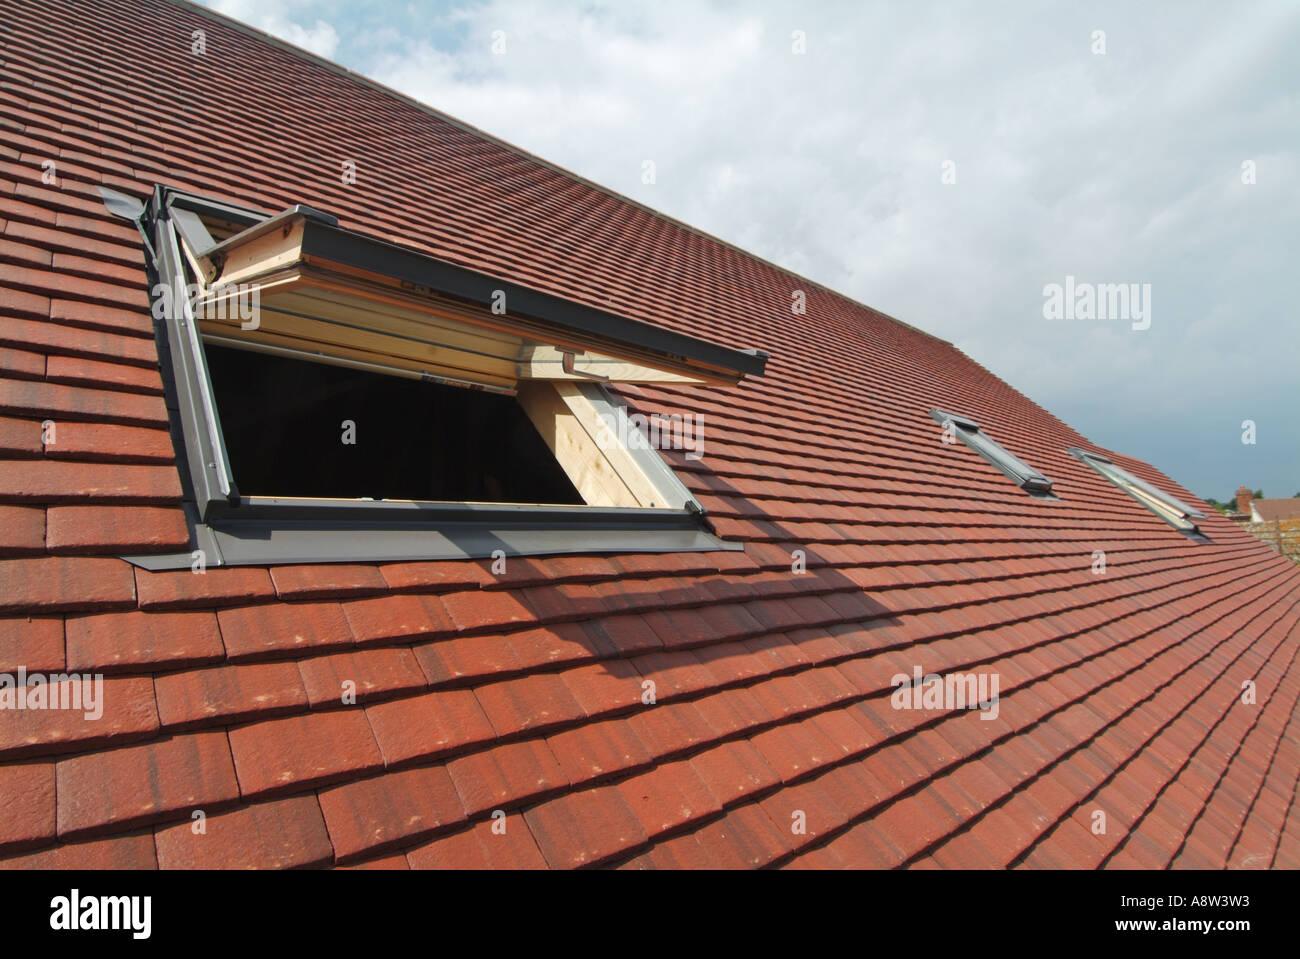 Luci del tetto installato nel re tetto di tegole per dare l